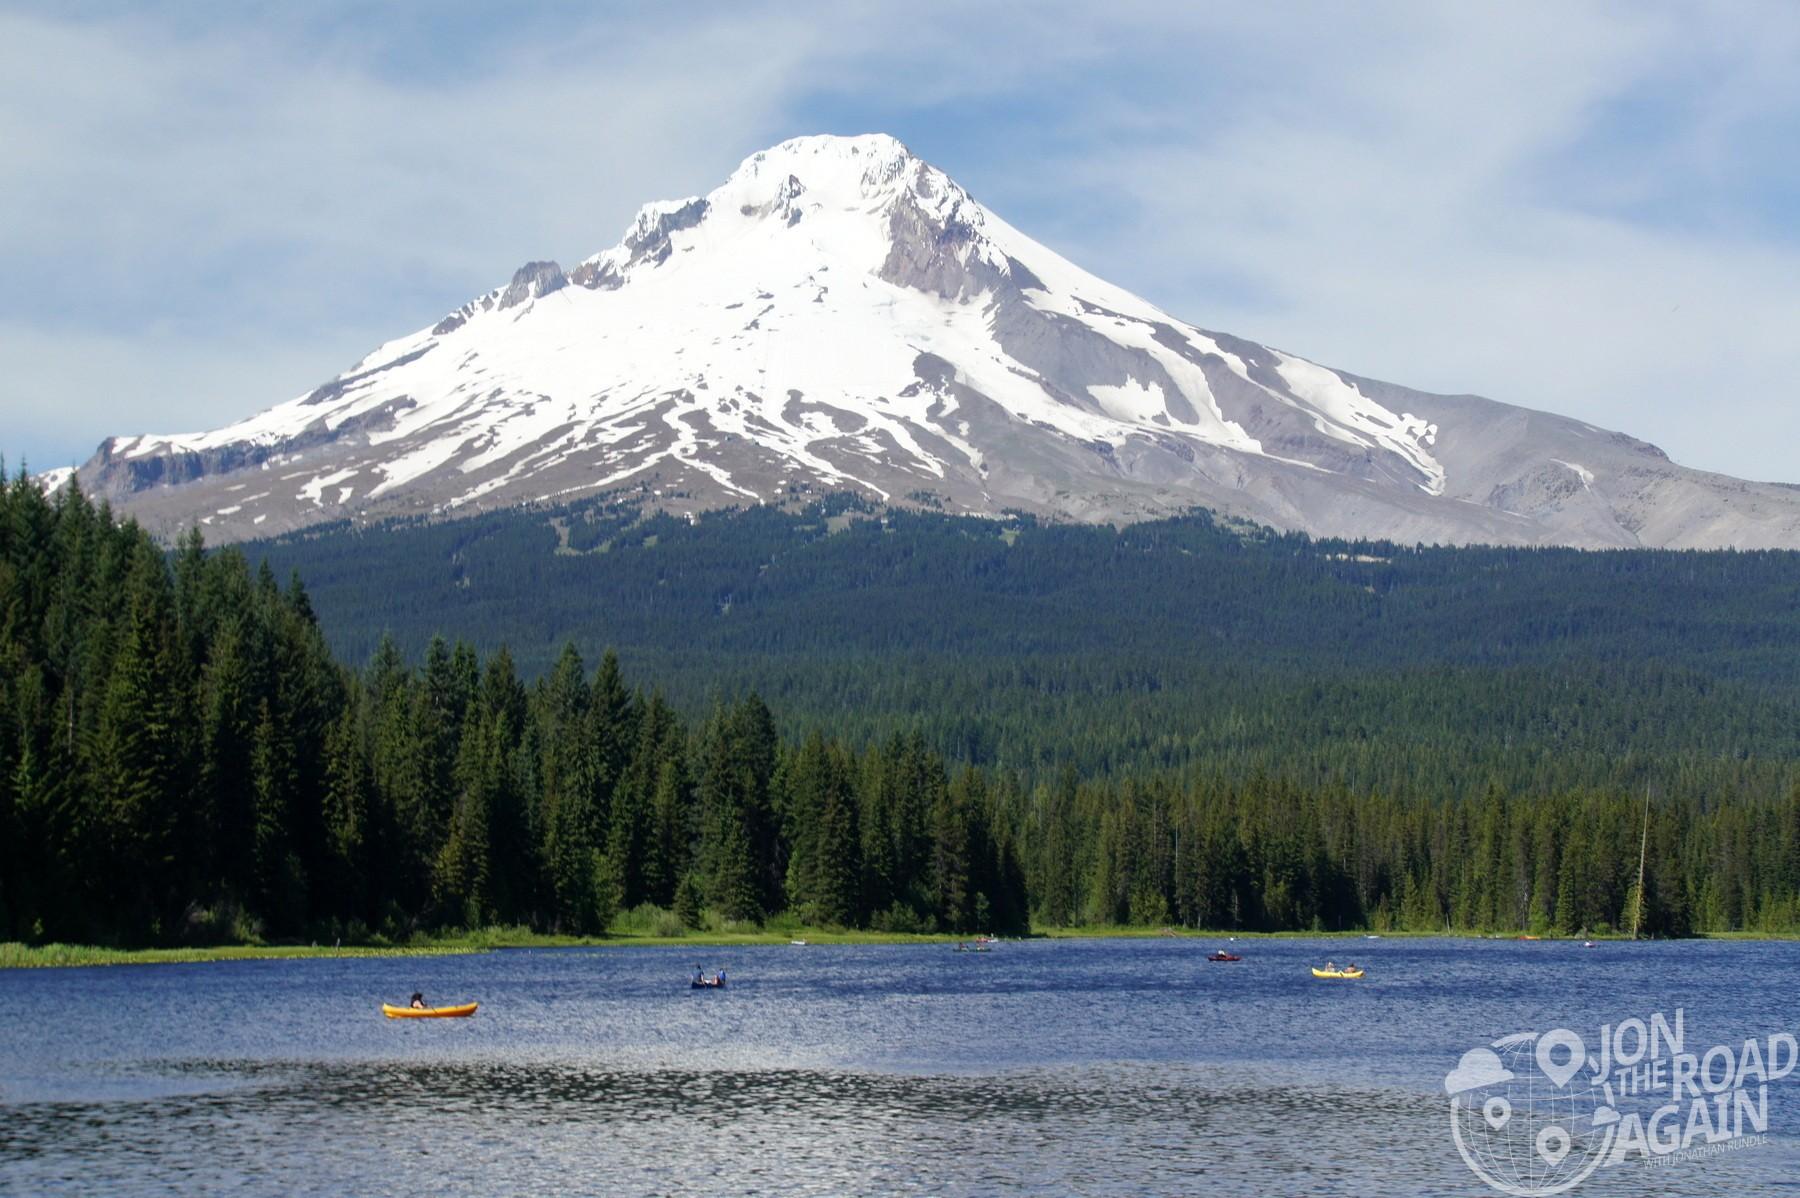 Mount Hood from Trillium Lake